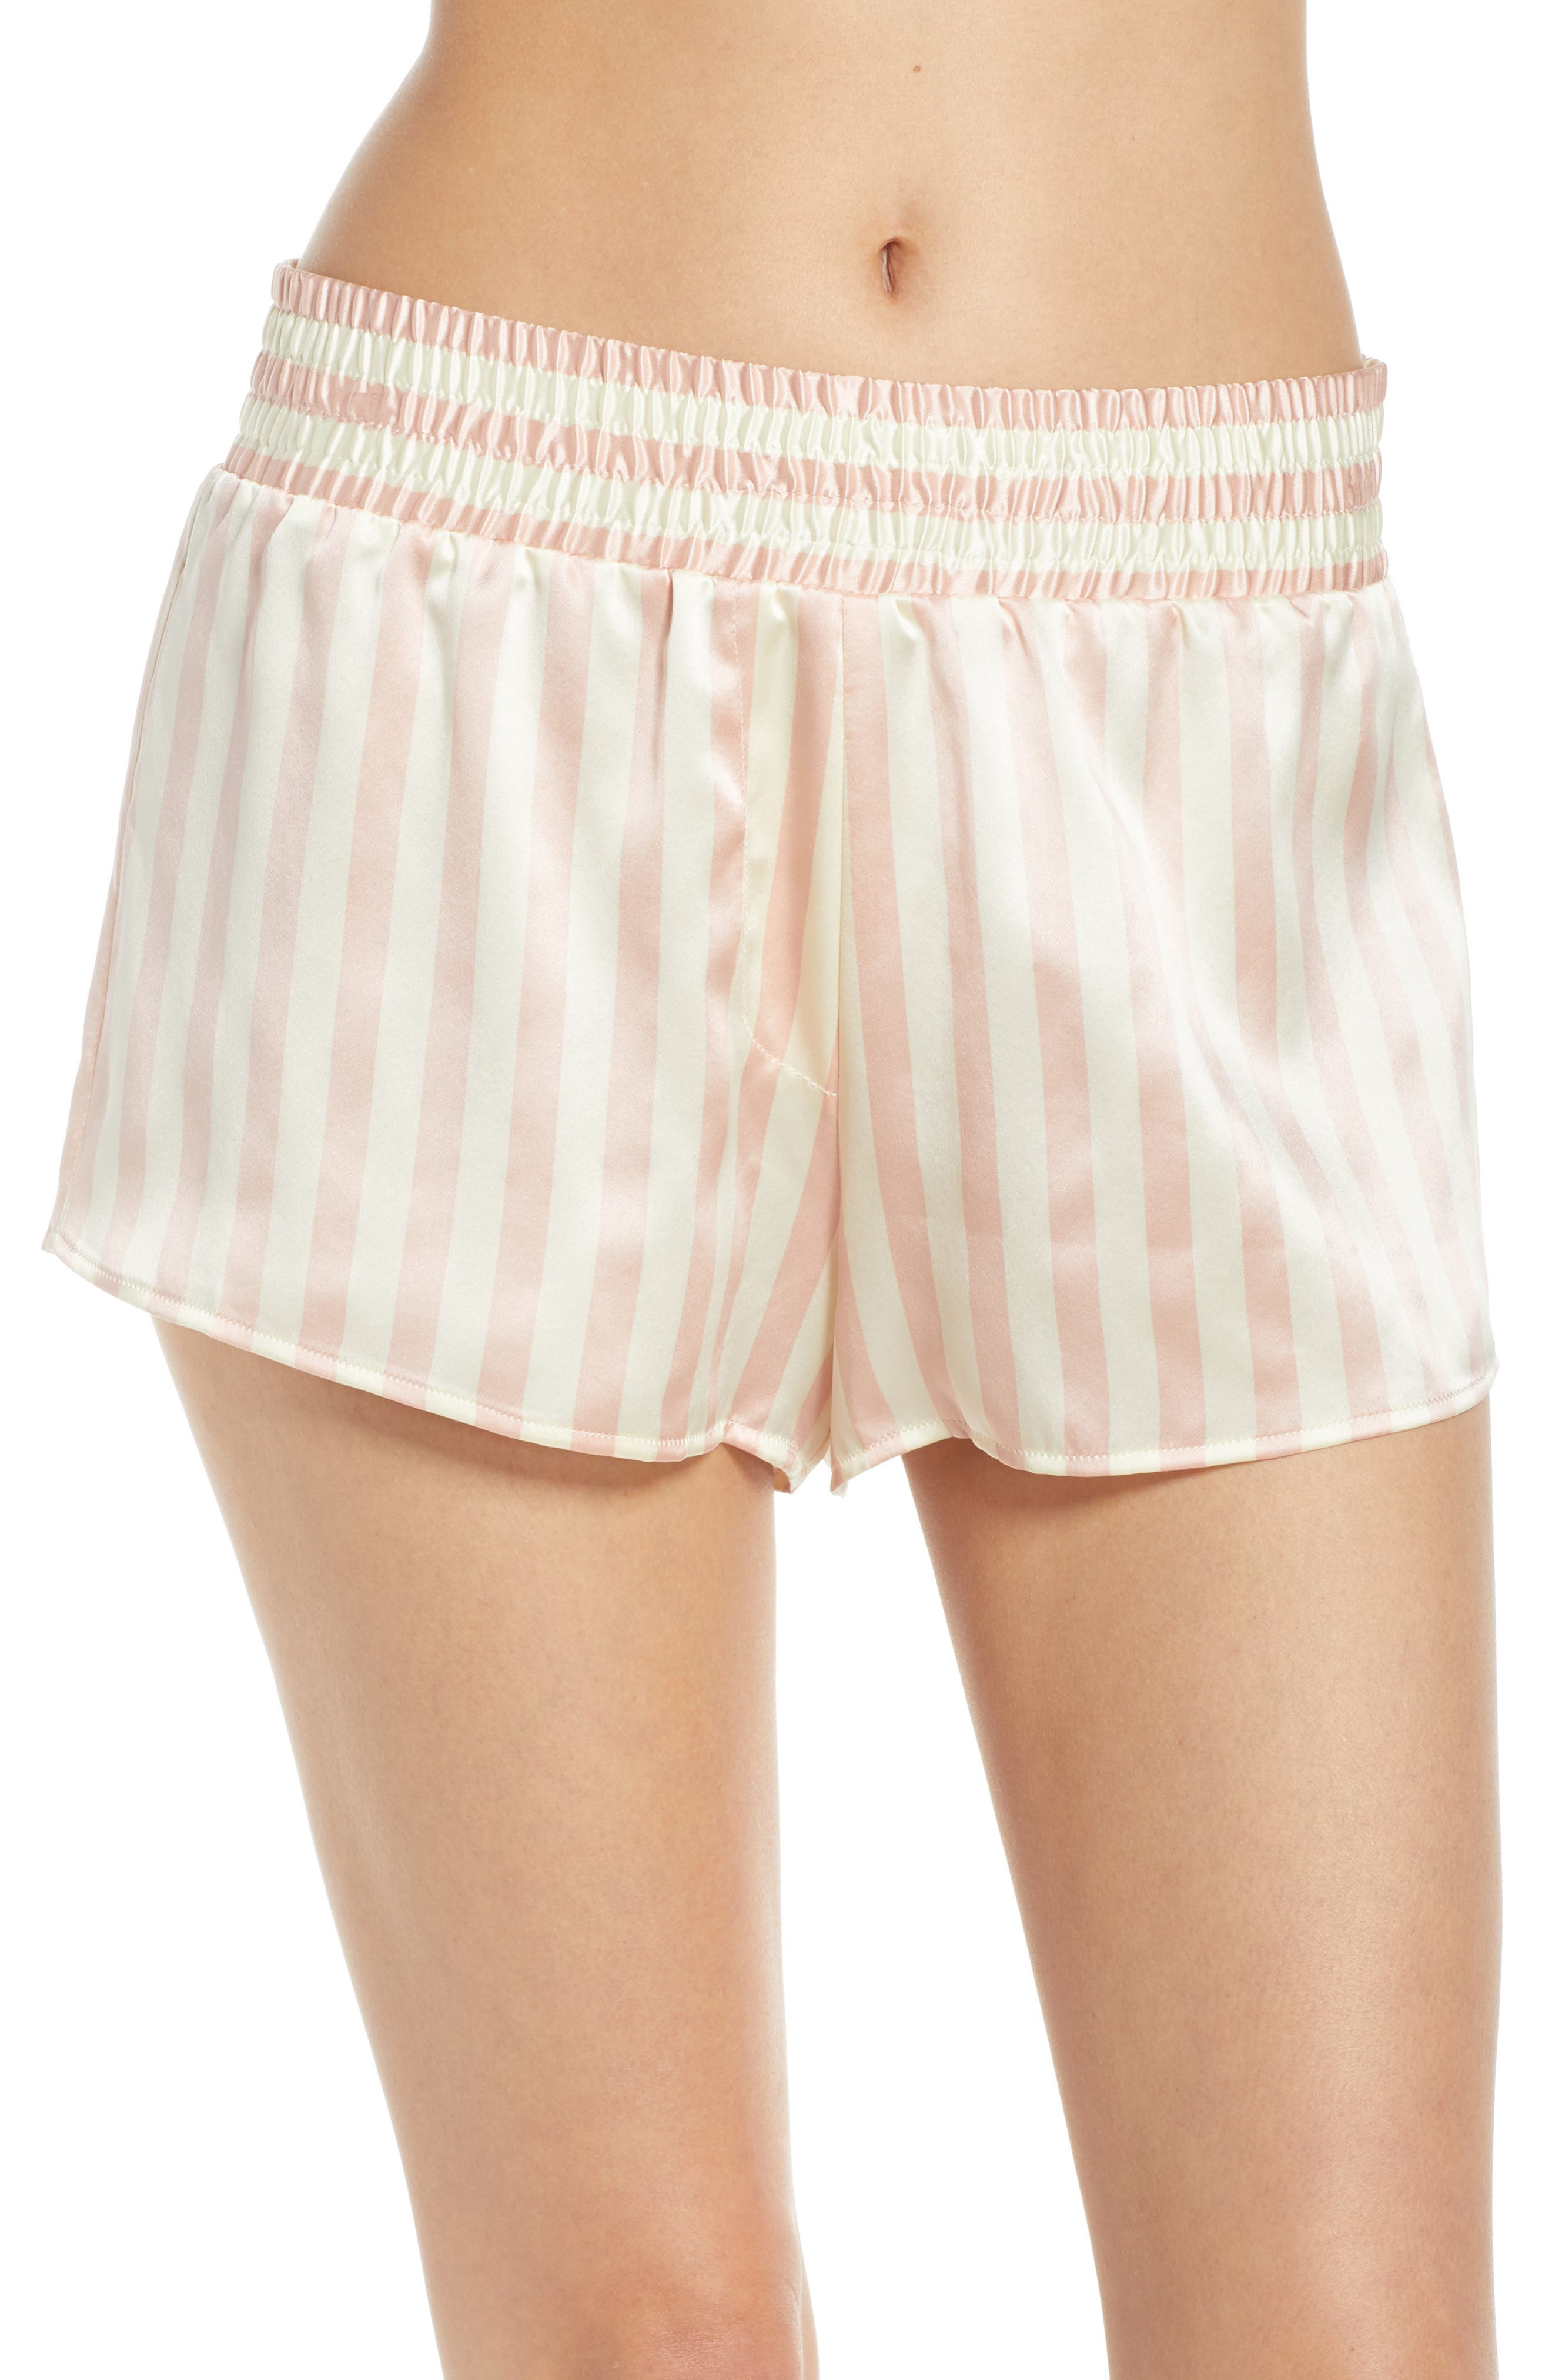 Morgan Lane Corey Silk Pajama Shorts, Size Petite - Pink